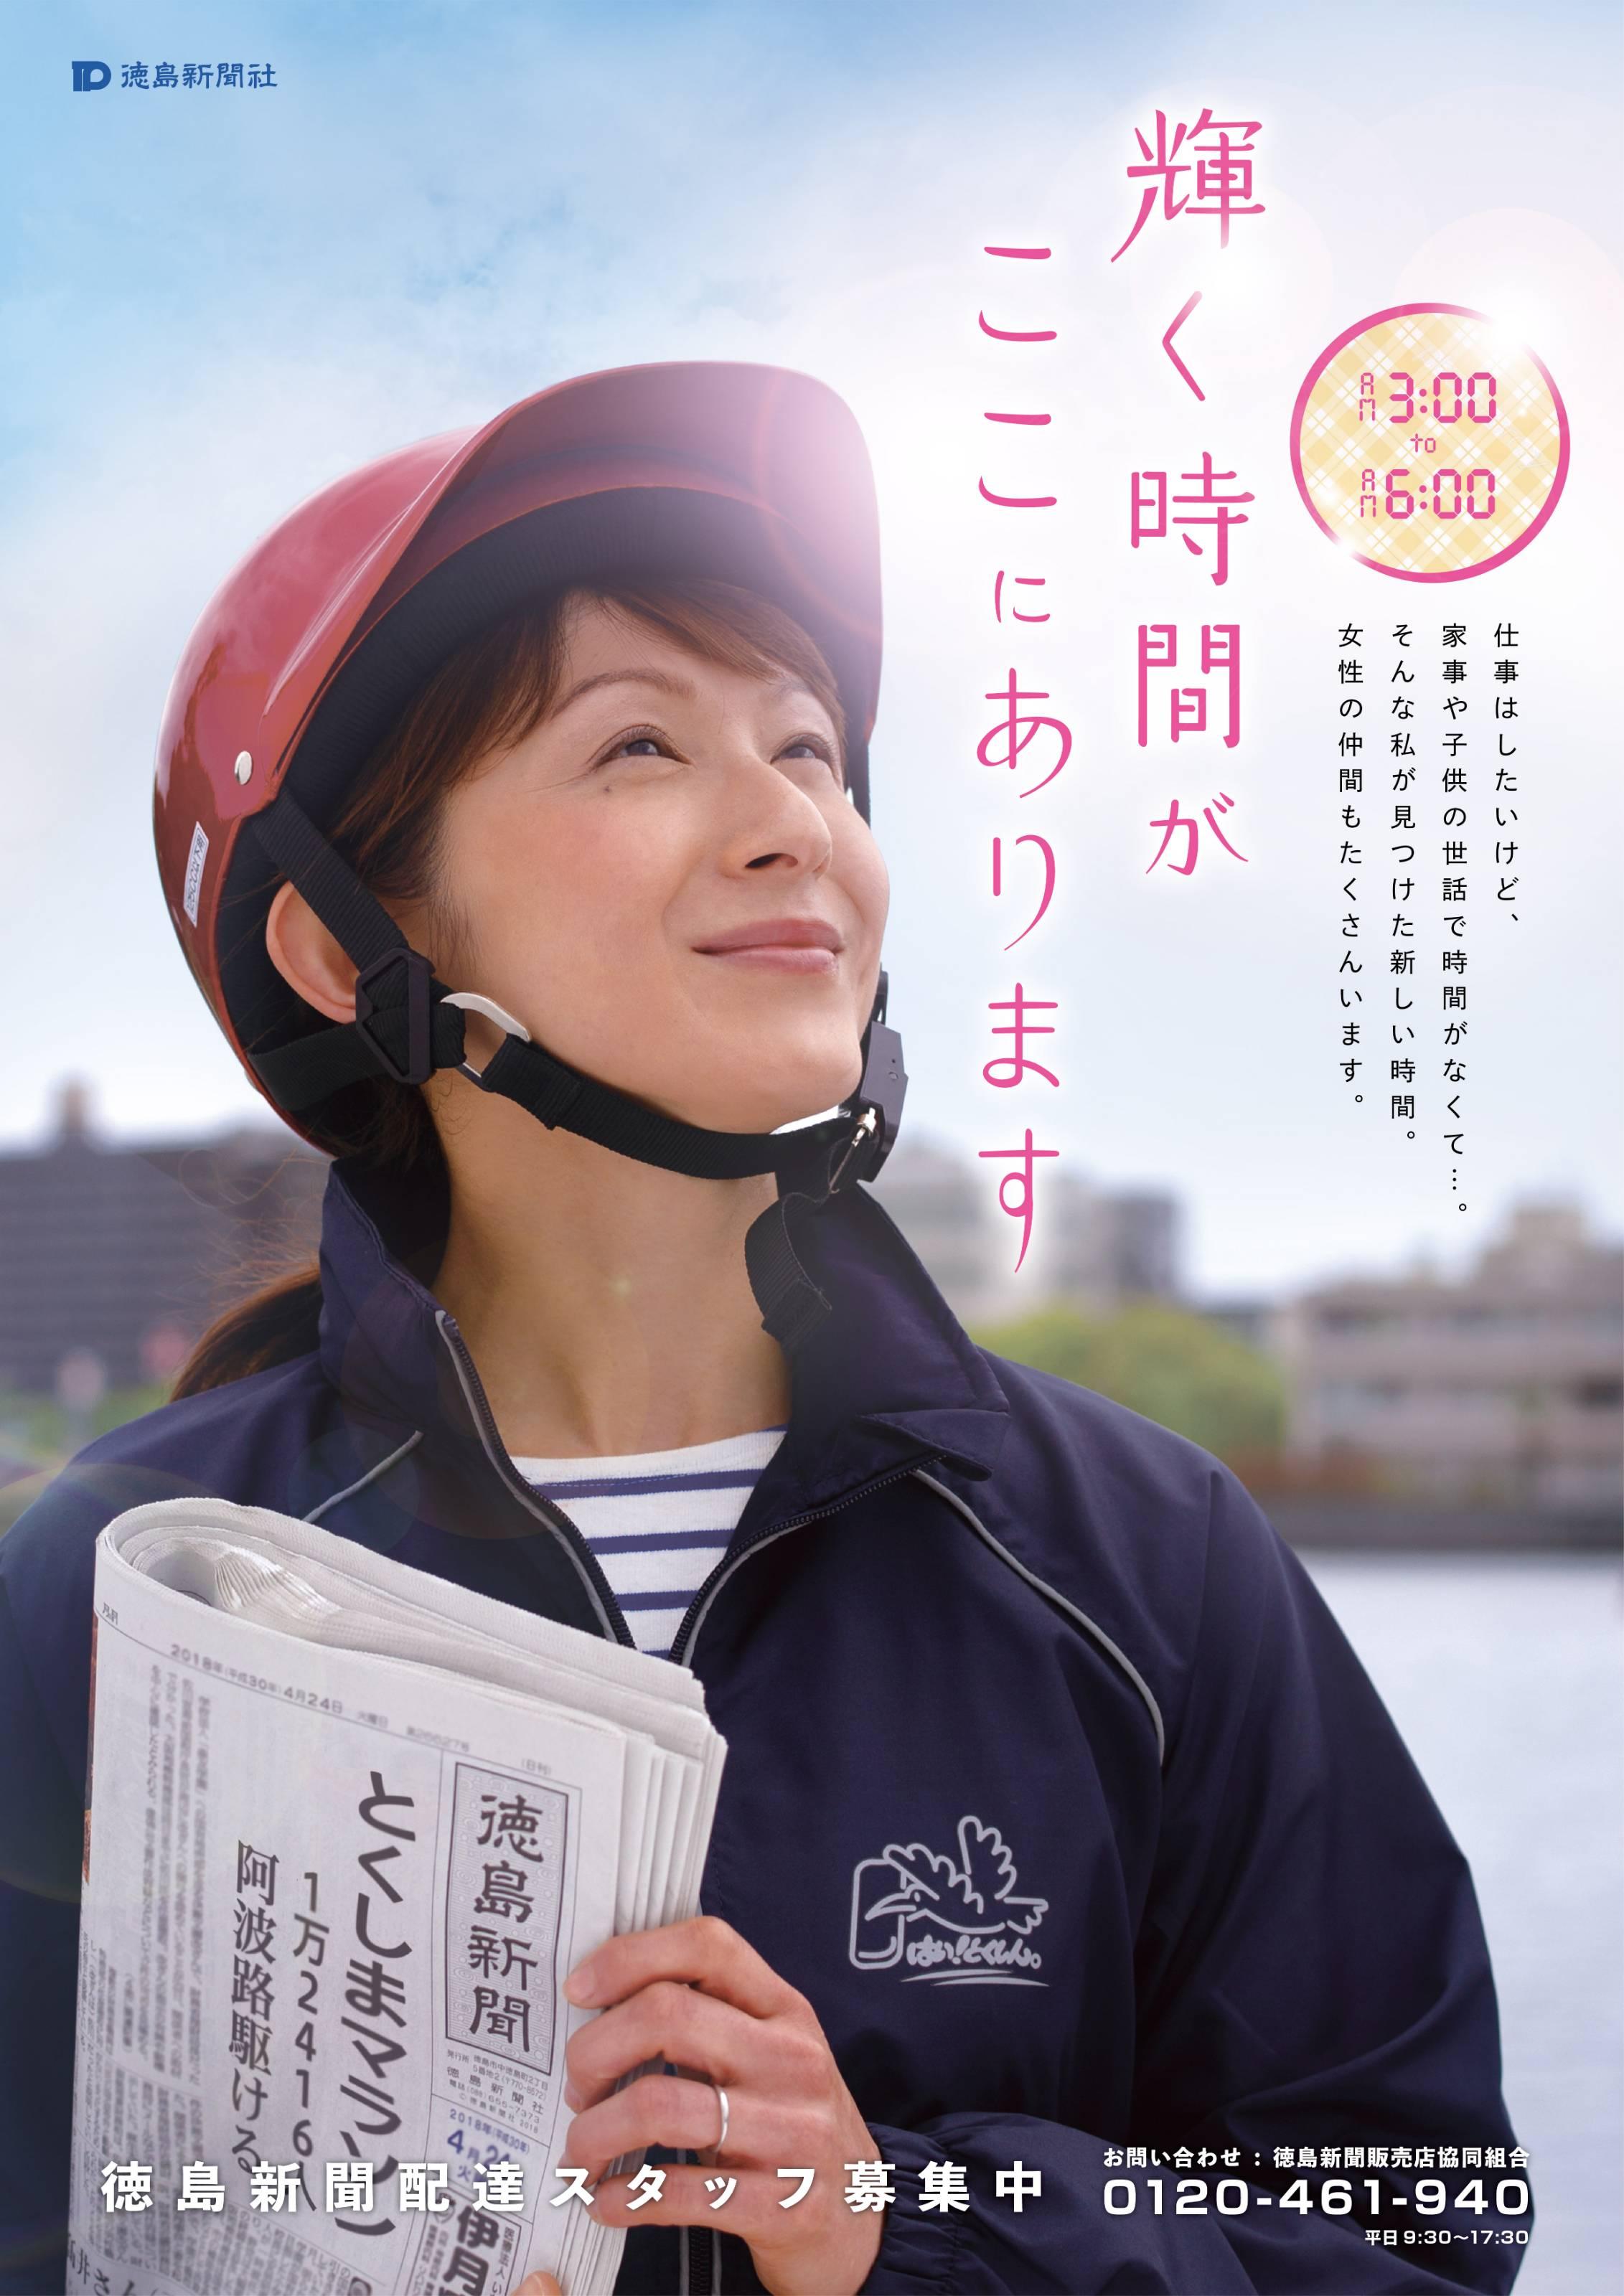 徳島新聞販売店協同組合